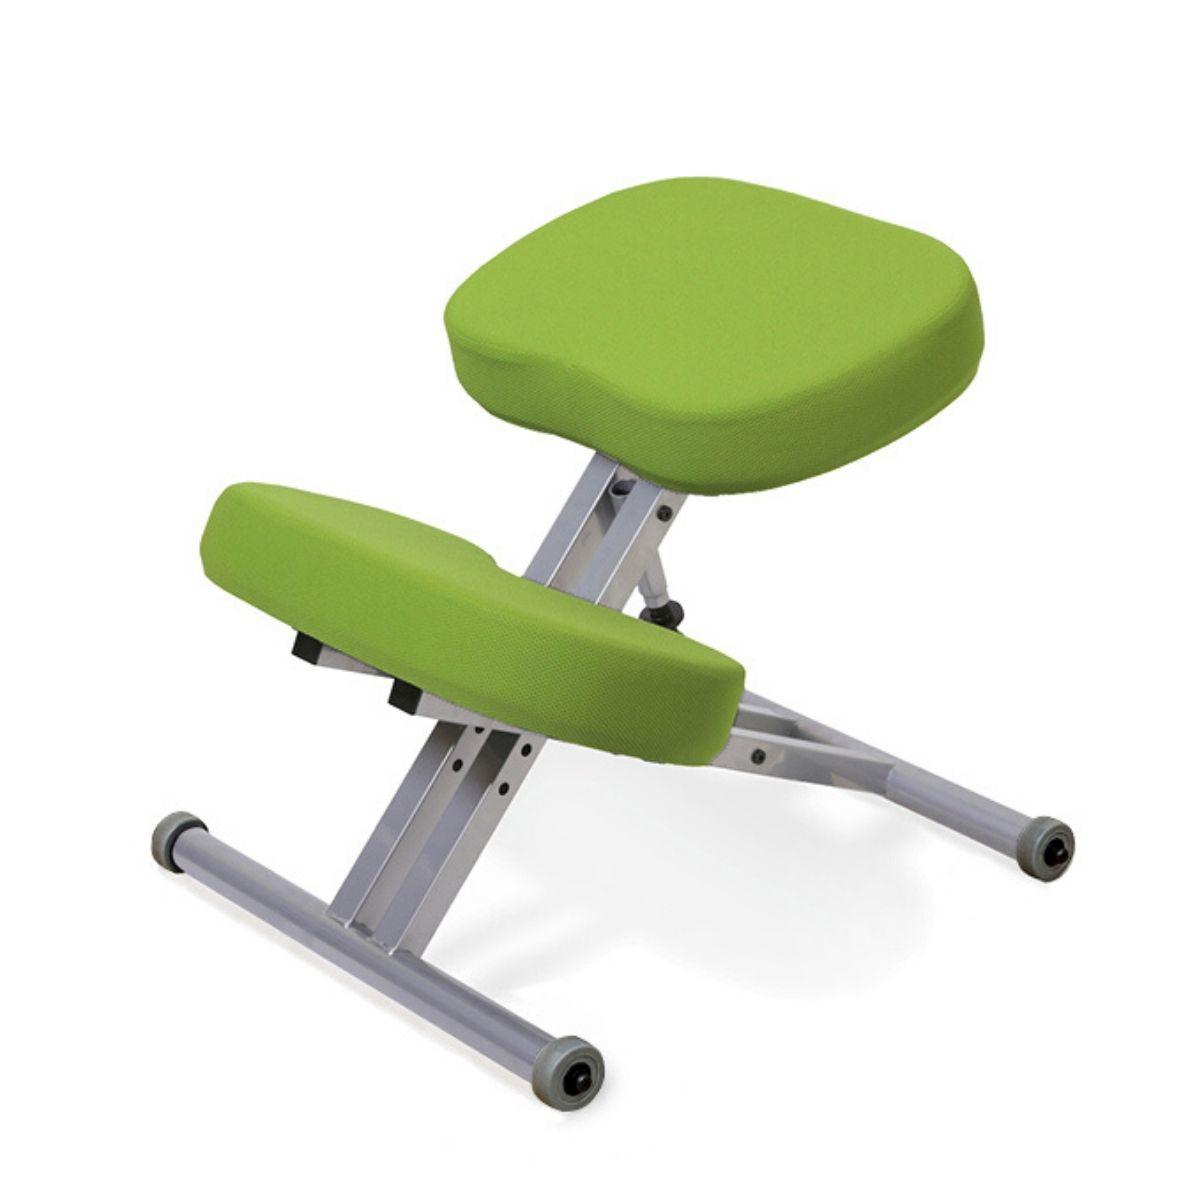 Стул коленный Smartstool KM01 без газлифта зеленый